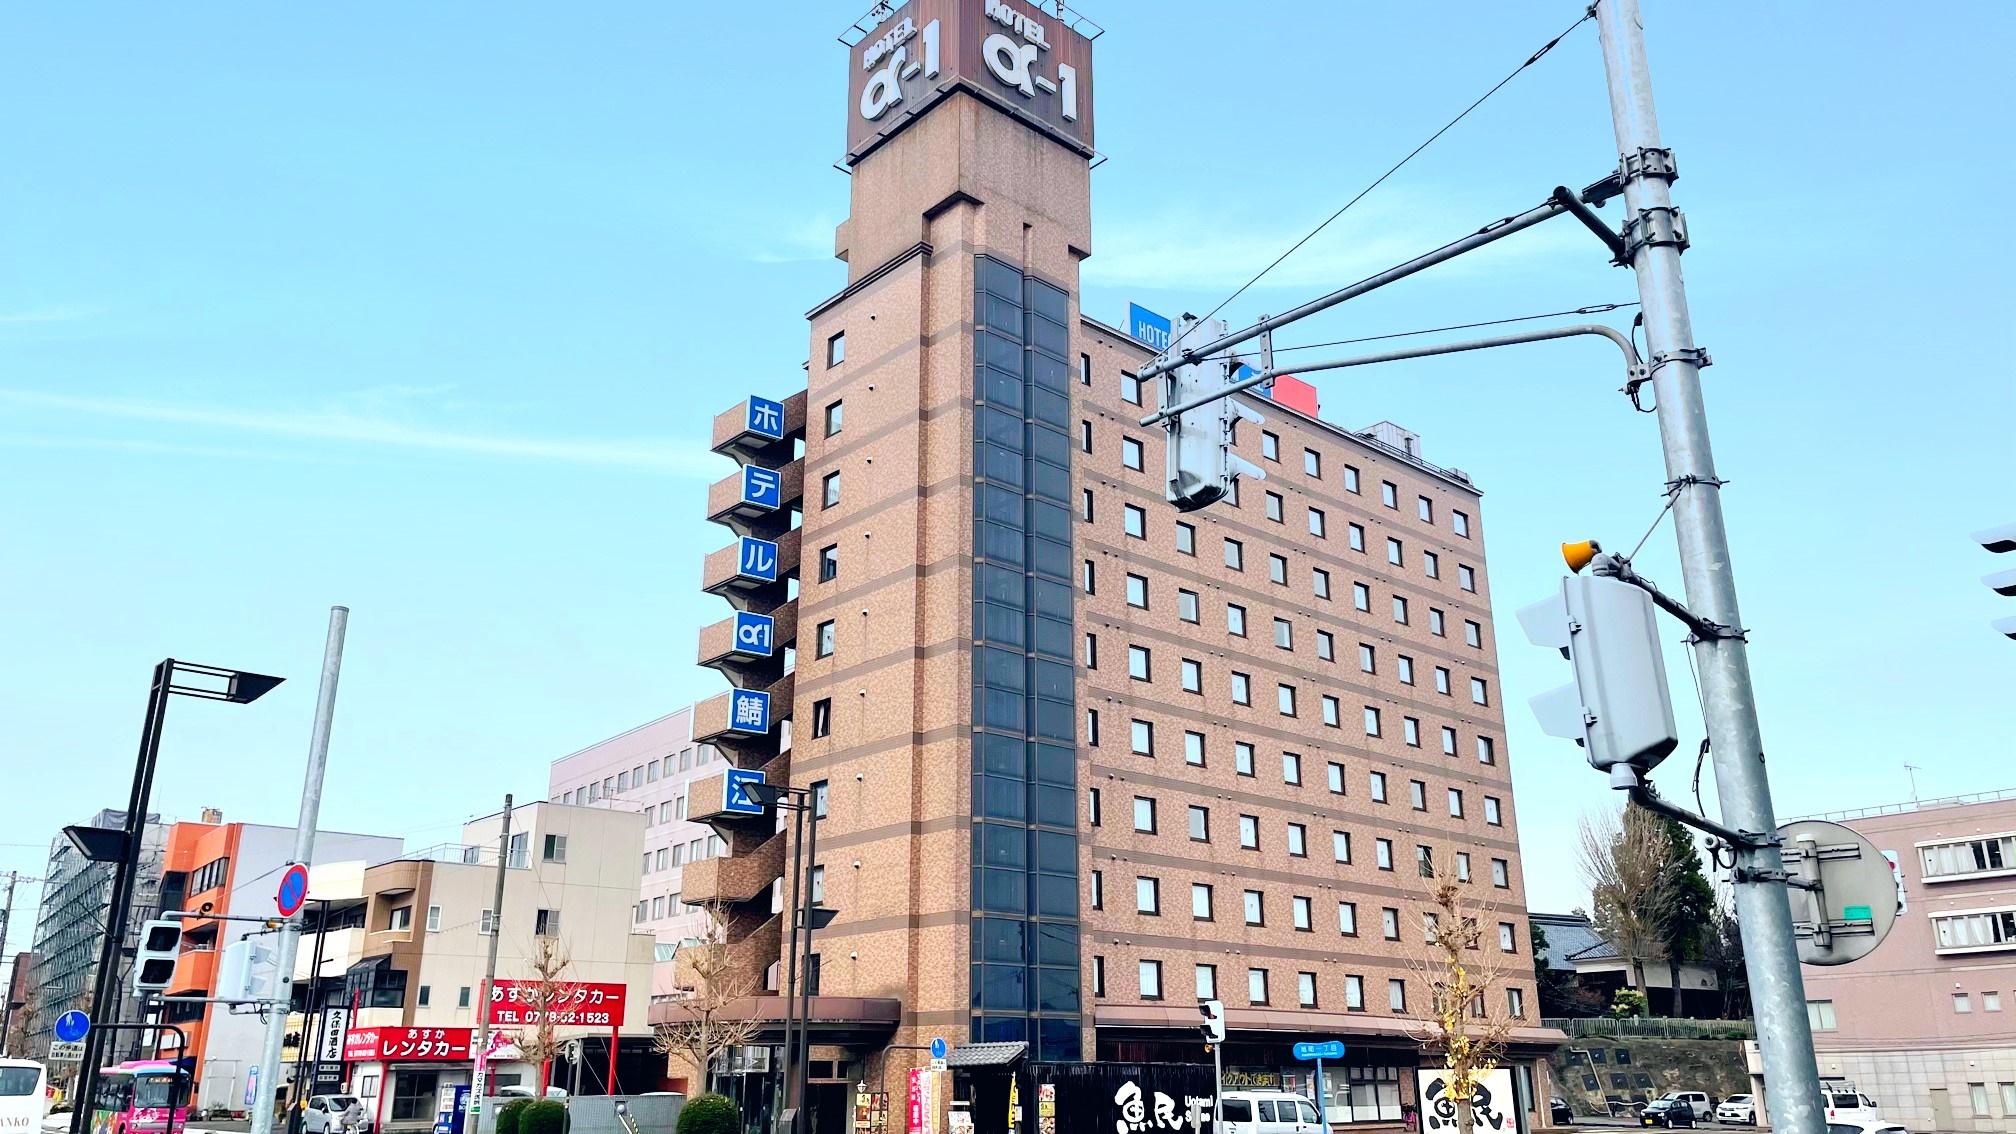 ホテルアルファーワン鯖江 image